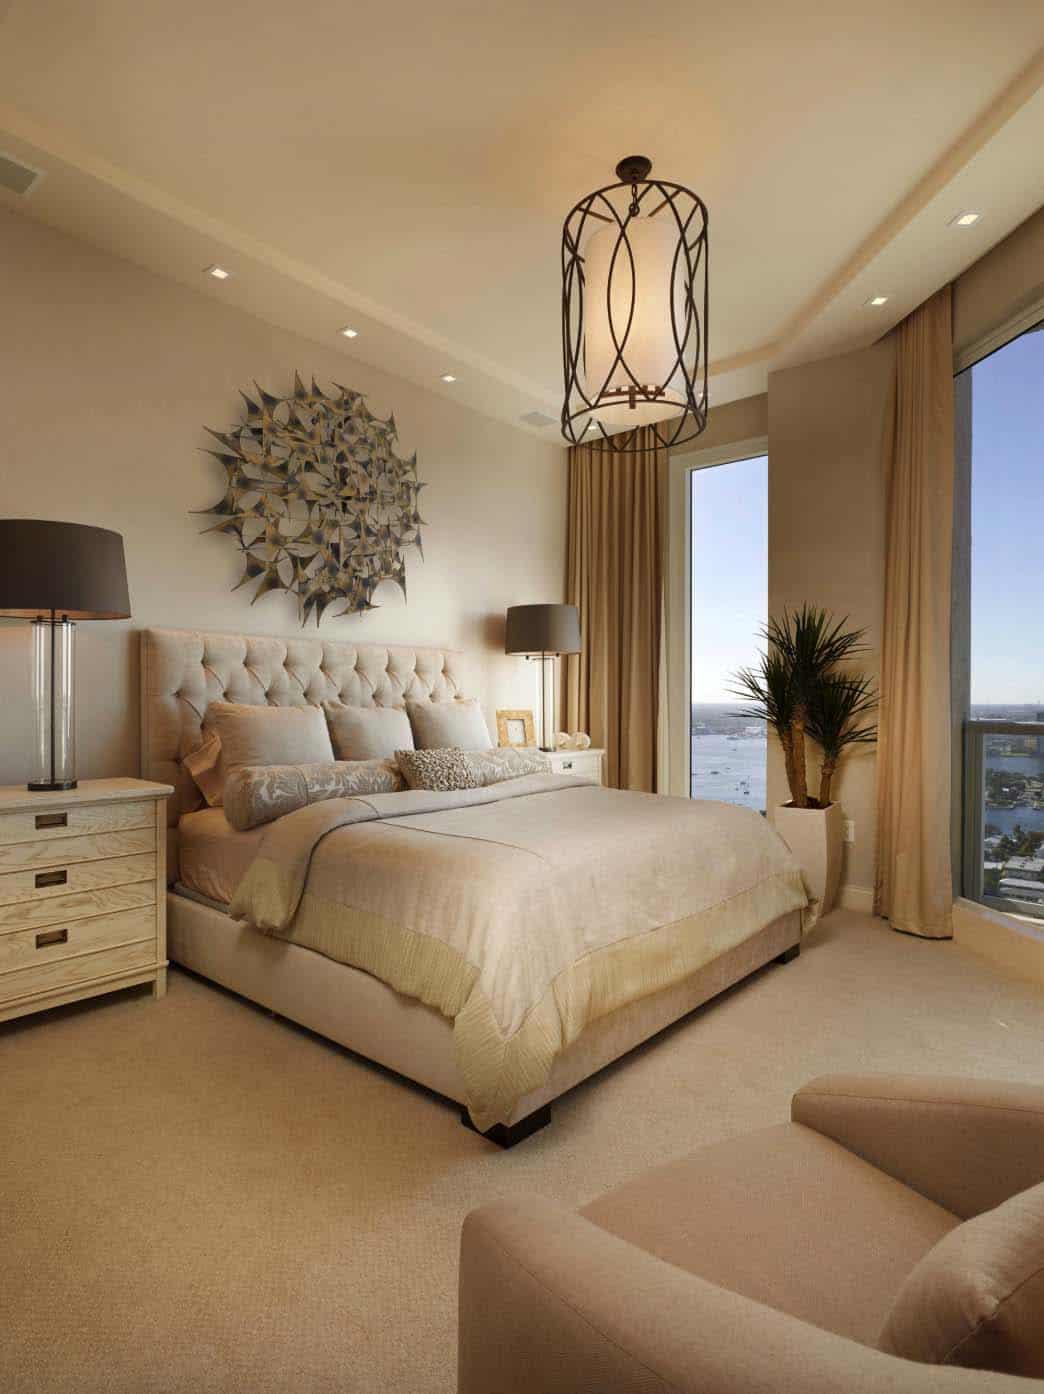 20+ Serene And Elegant Master Bedroom Decorating Ideas on Master Bedroom Curtains  id=12610